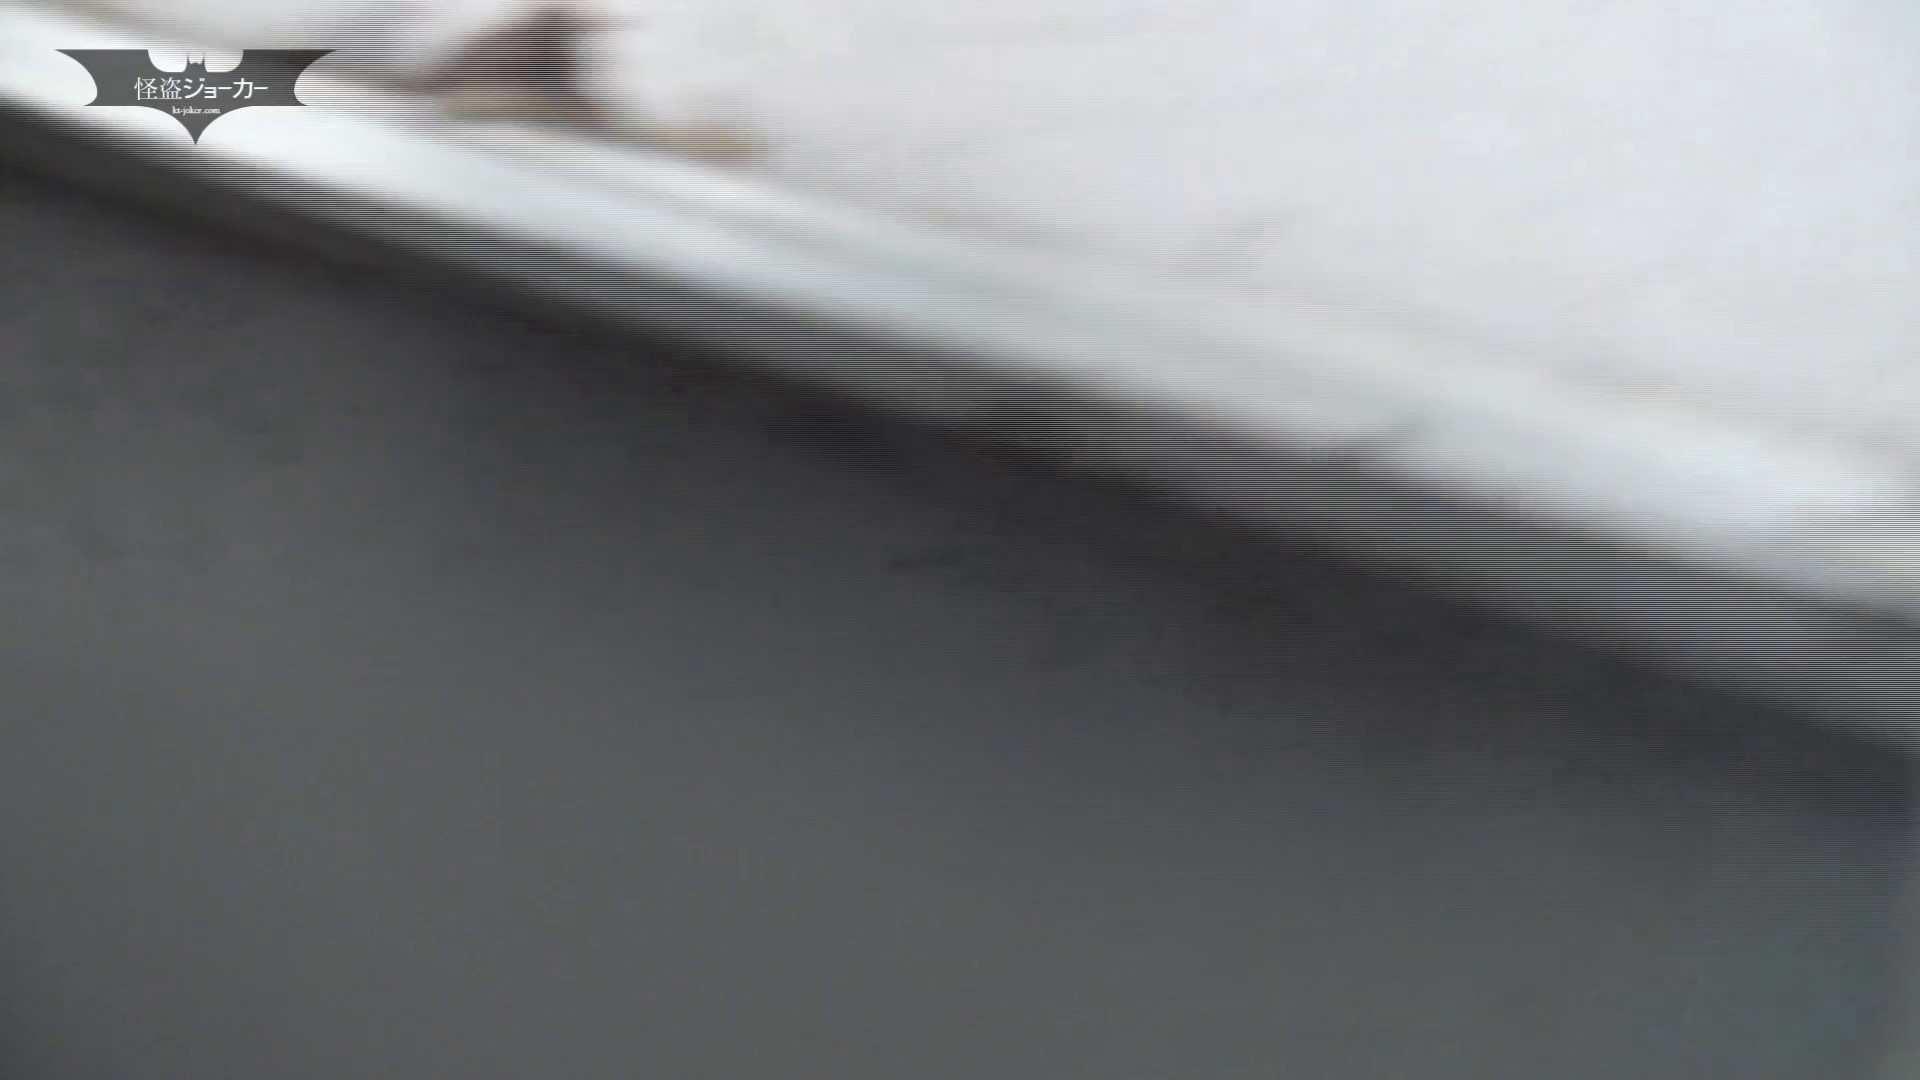 下からノゾム vol.032 走って追跡、そして、カメラ見られ大ピンチ 高画質 AV無料 90枚 40